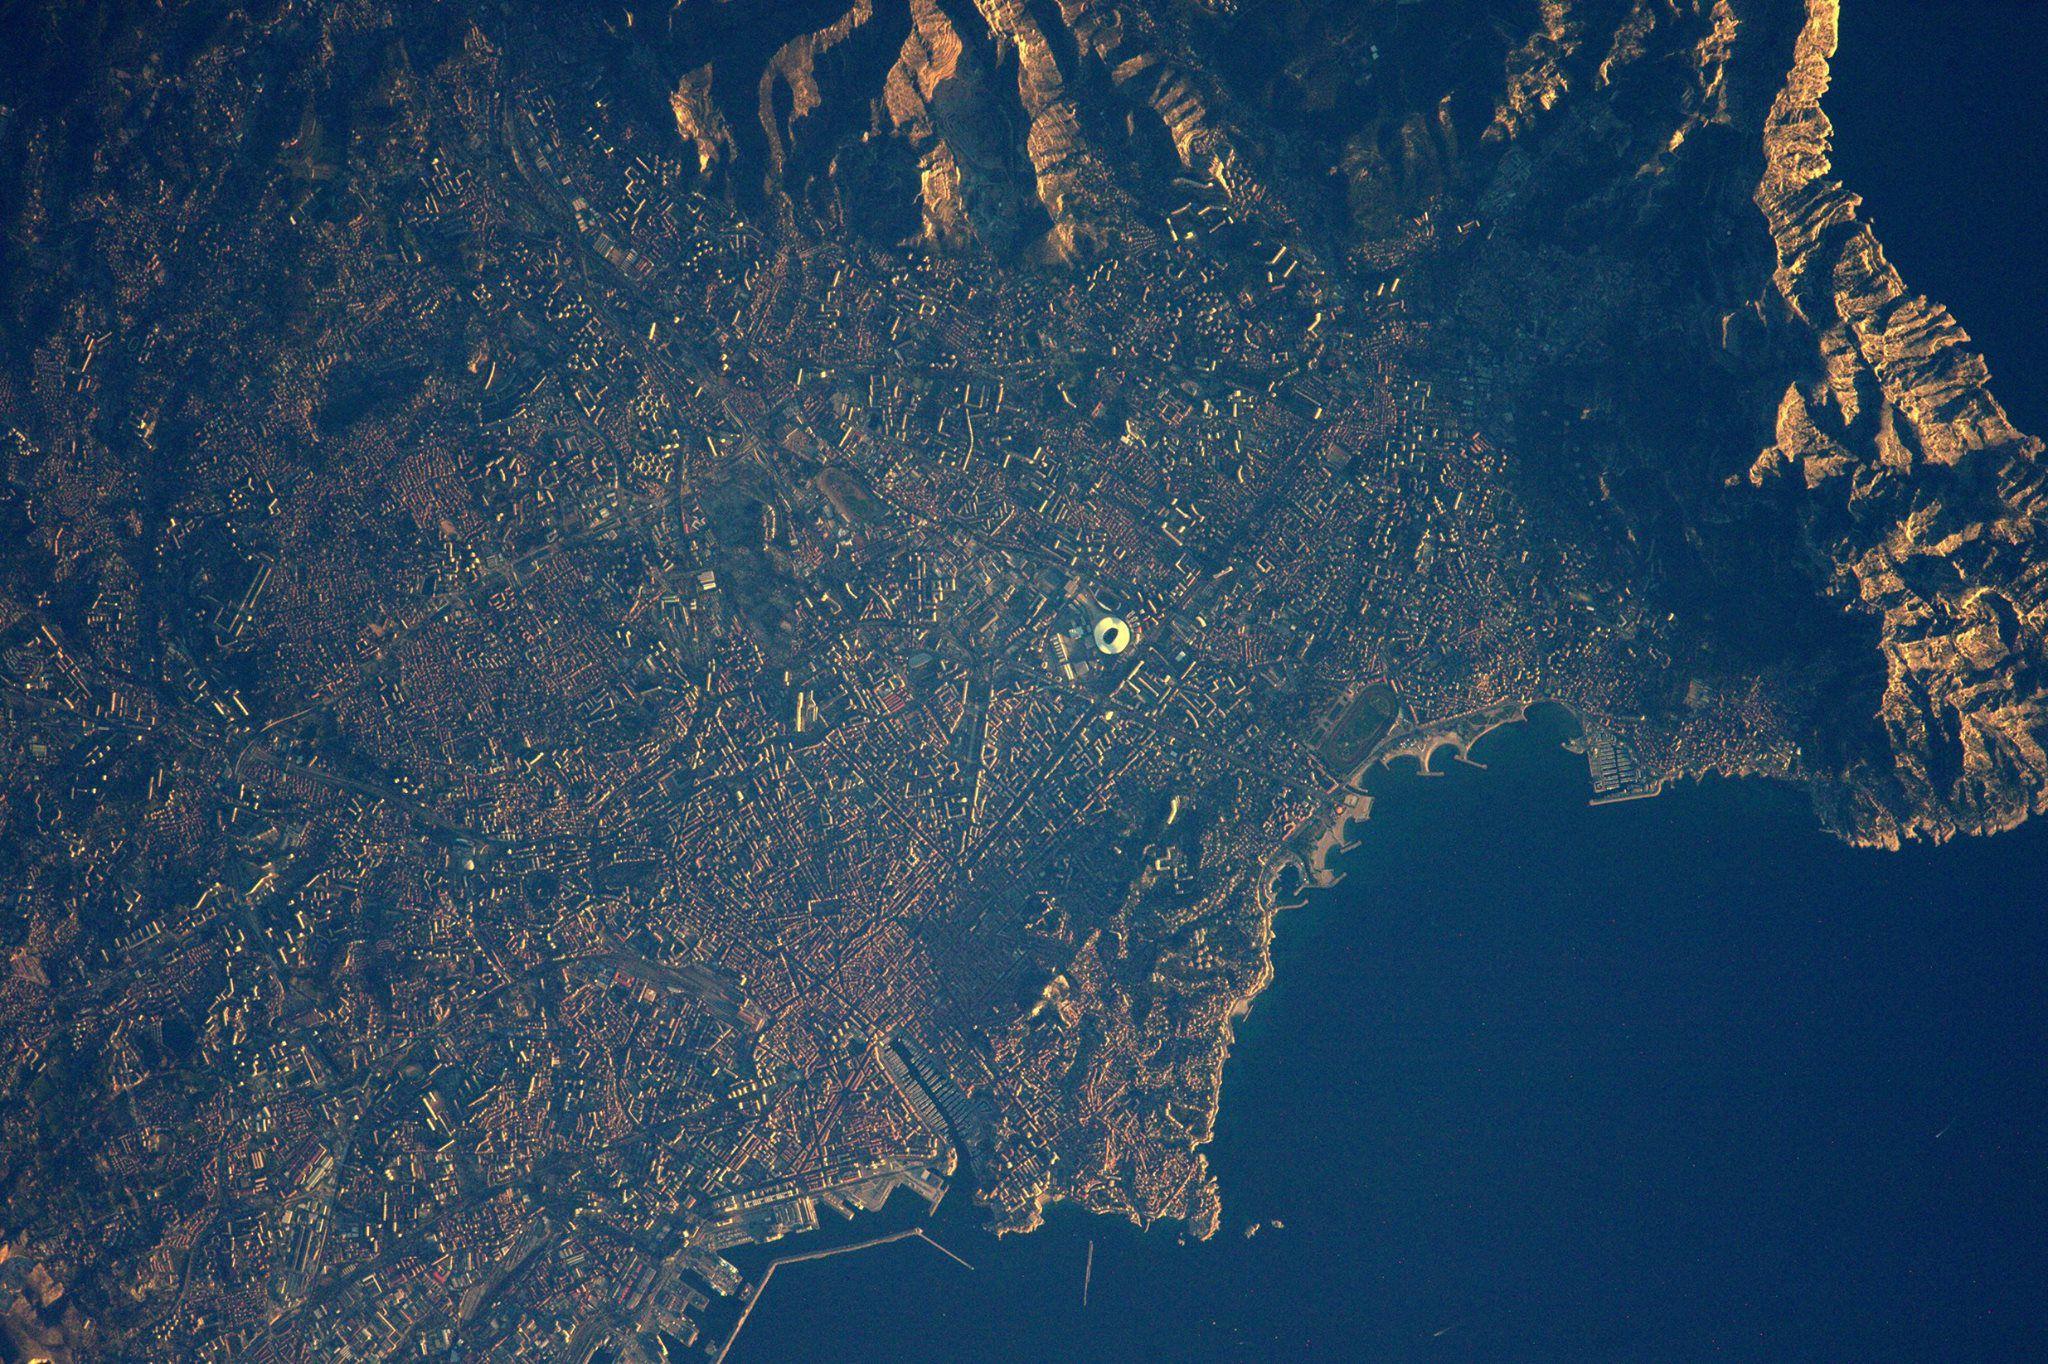 Thomas pesquet marseille somptueuse vue depuis l 39 espace - Espace atypique marseille ...